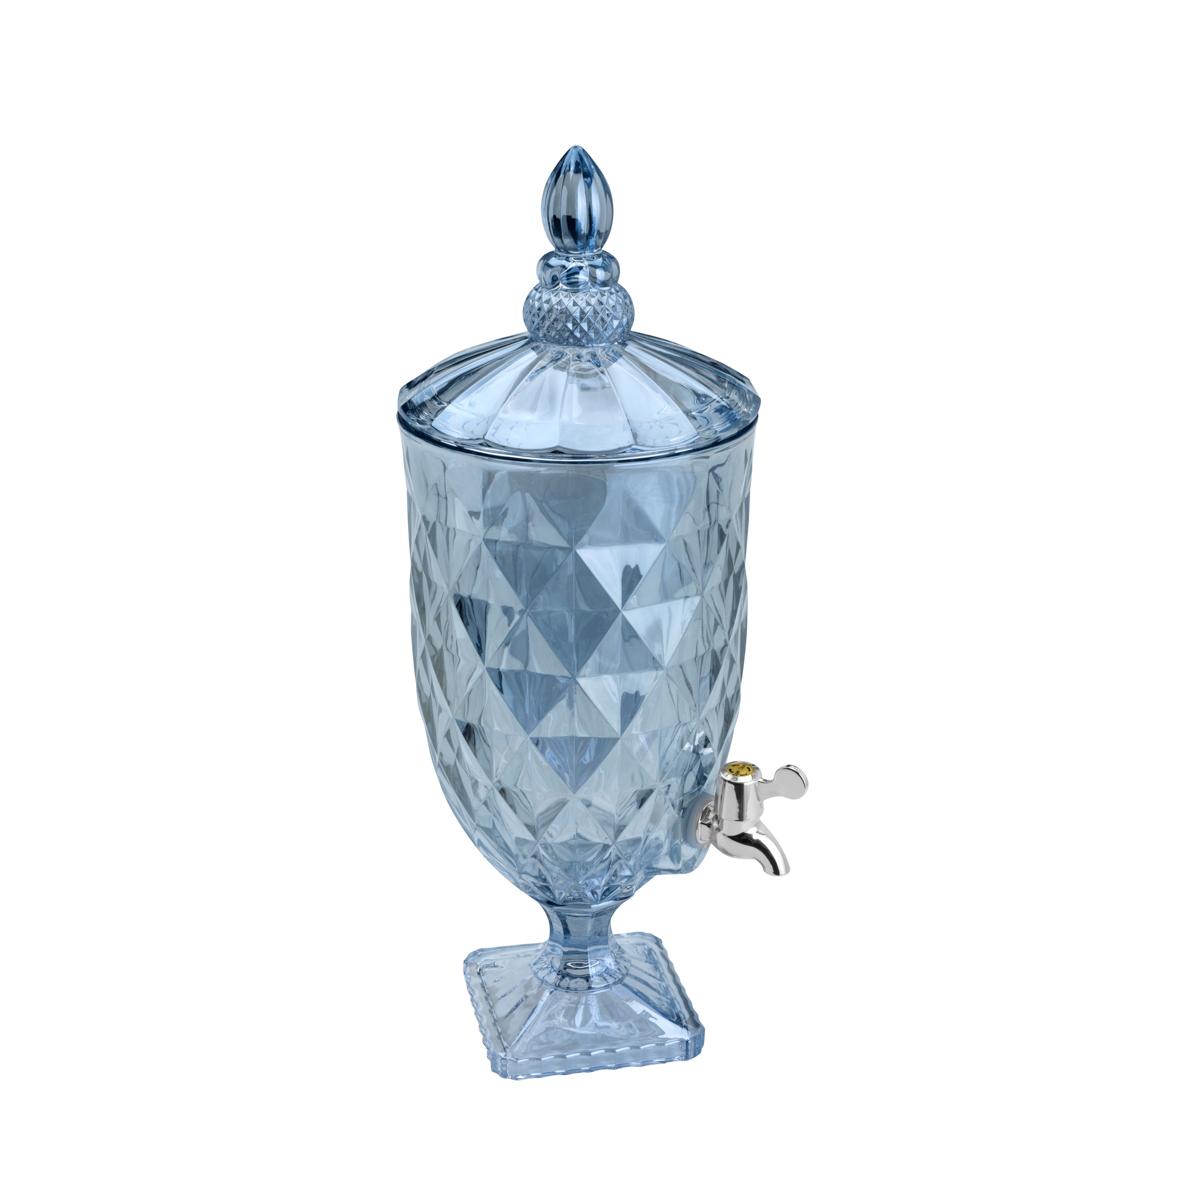 Suqueira De Cristal Ecológico Diamond Azul Metalizado 5l Lyor